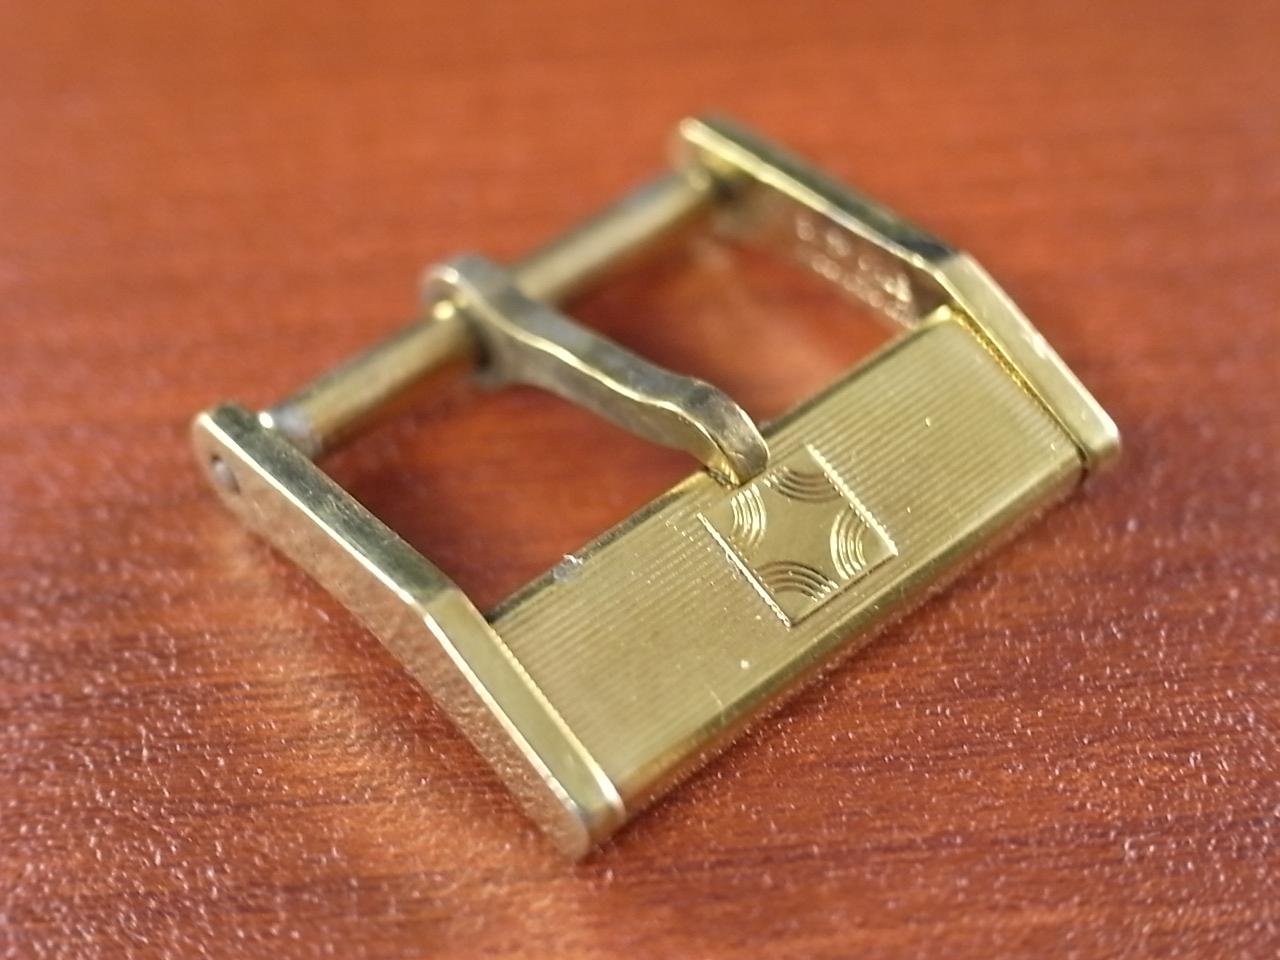 ゼニス アンティーク尾錠 GP 14mm 1960-70年代のメイン写真